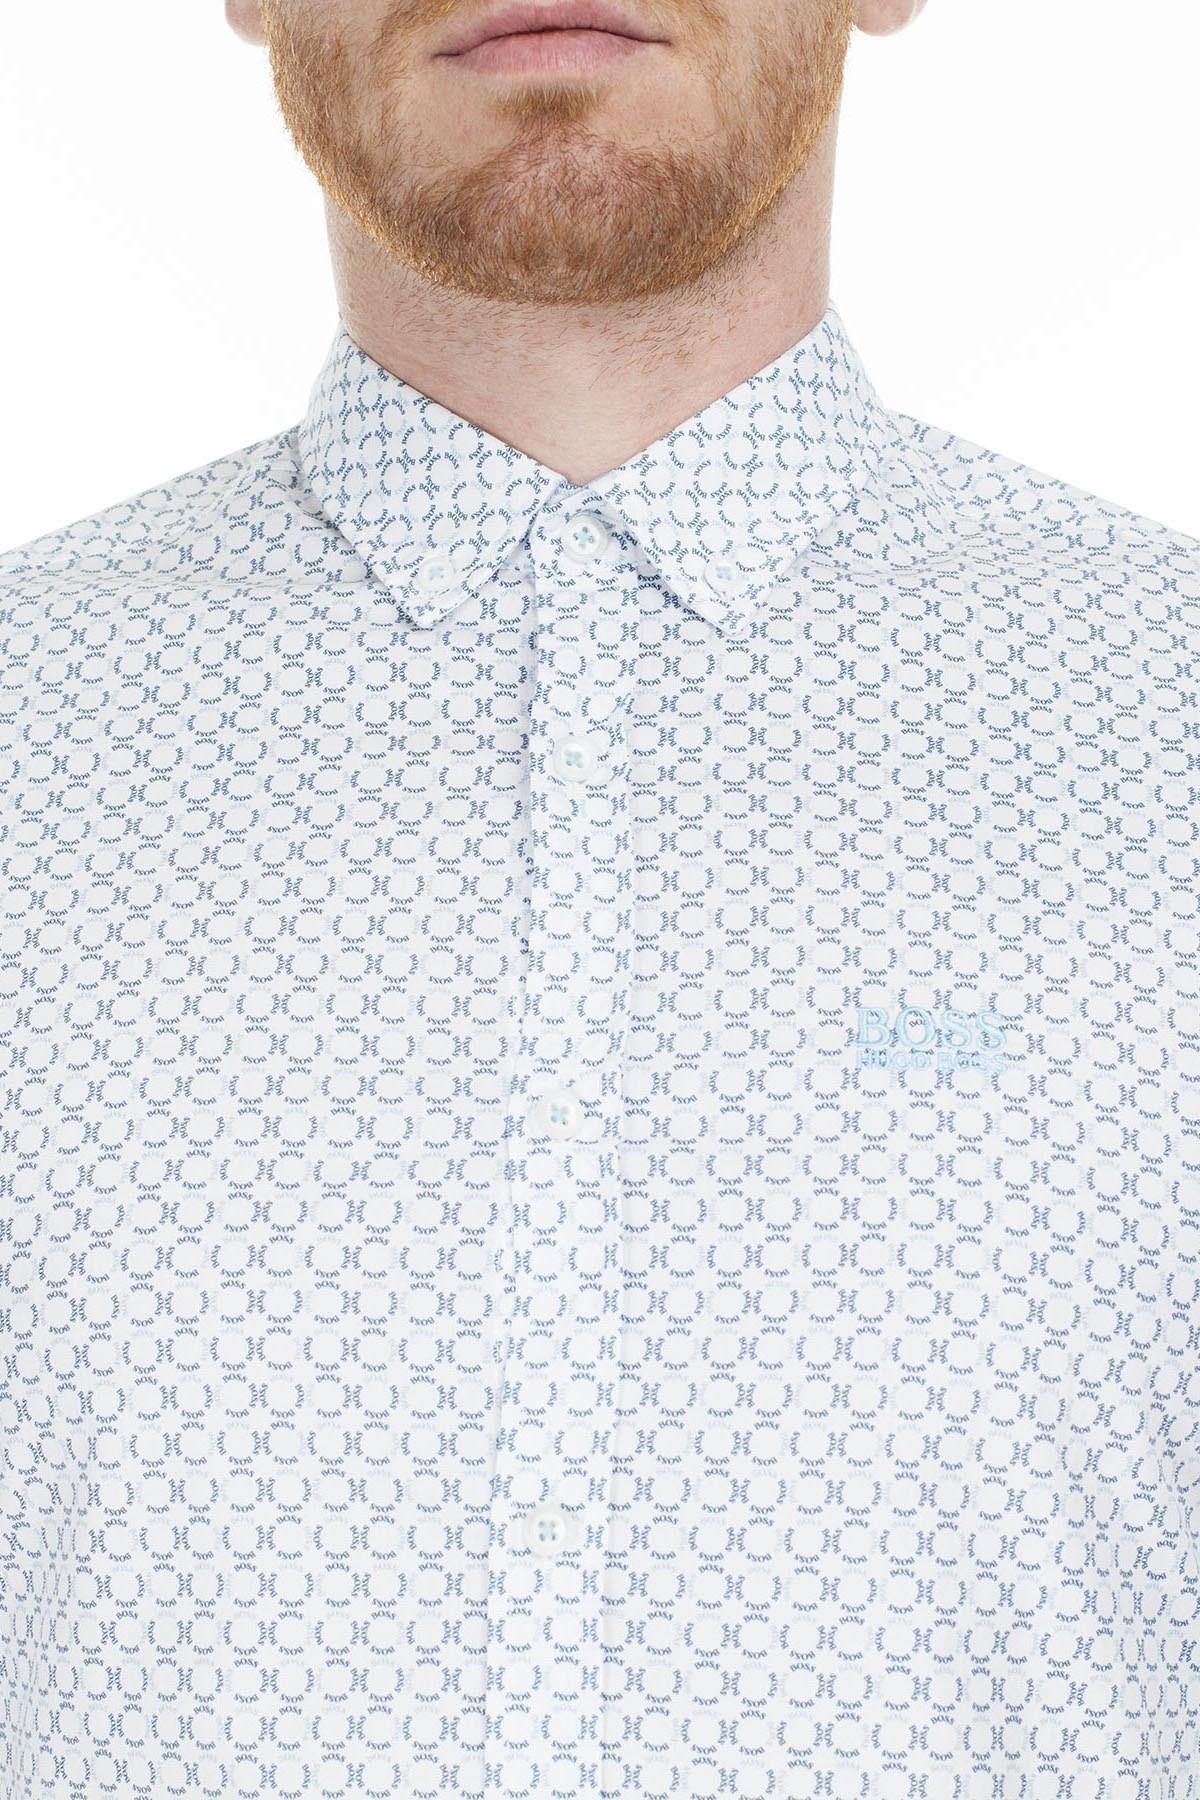 Hugo Boss Regular Fit Erkek Gömlek 50427554 404 LACİVERT